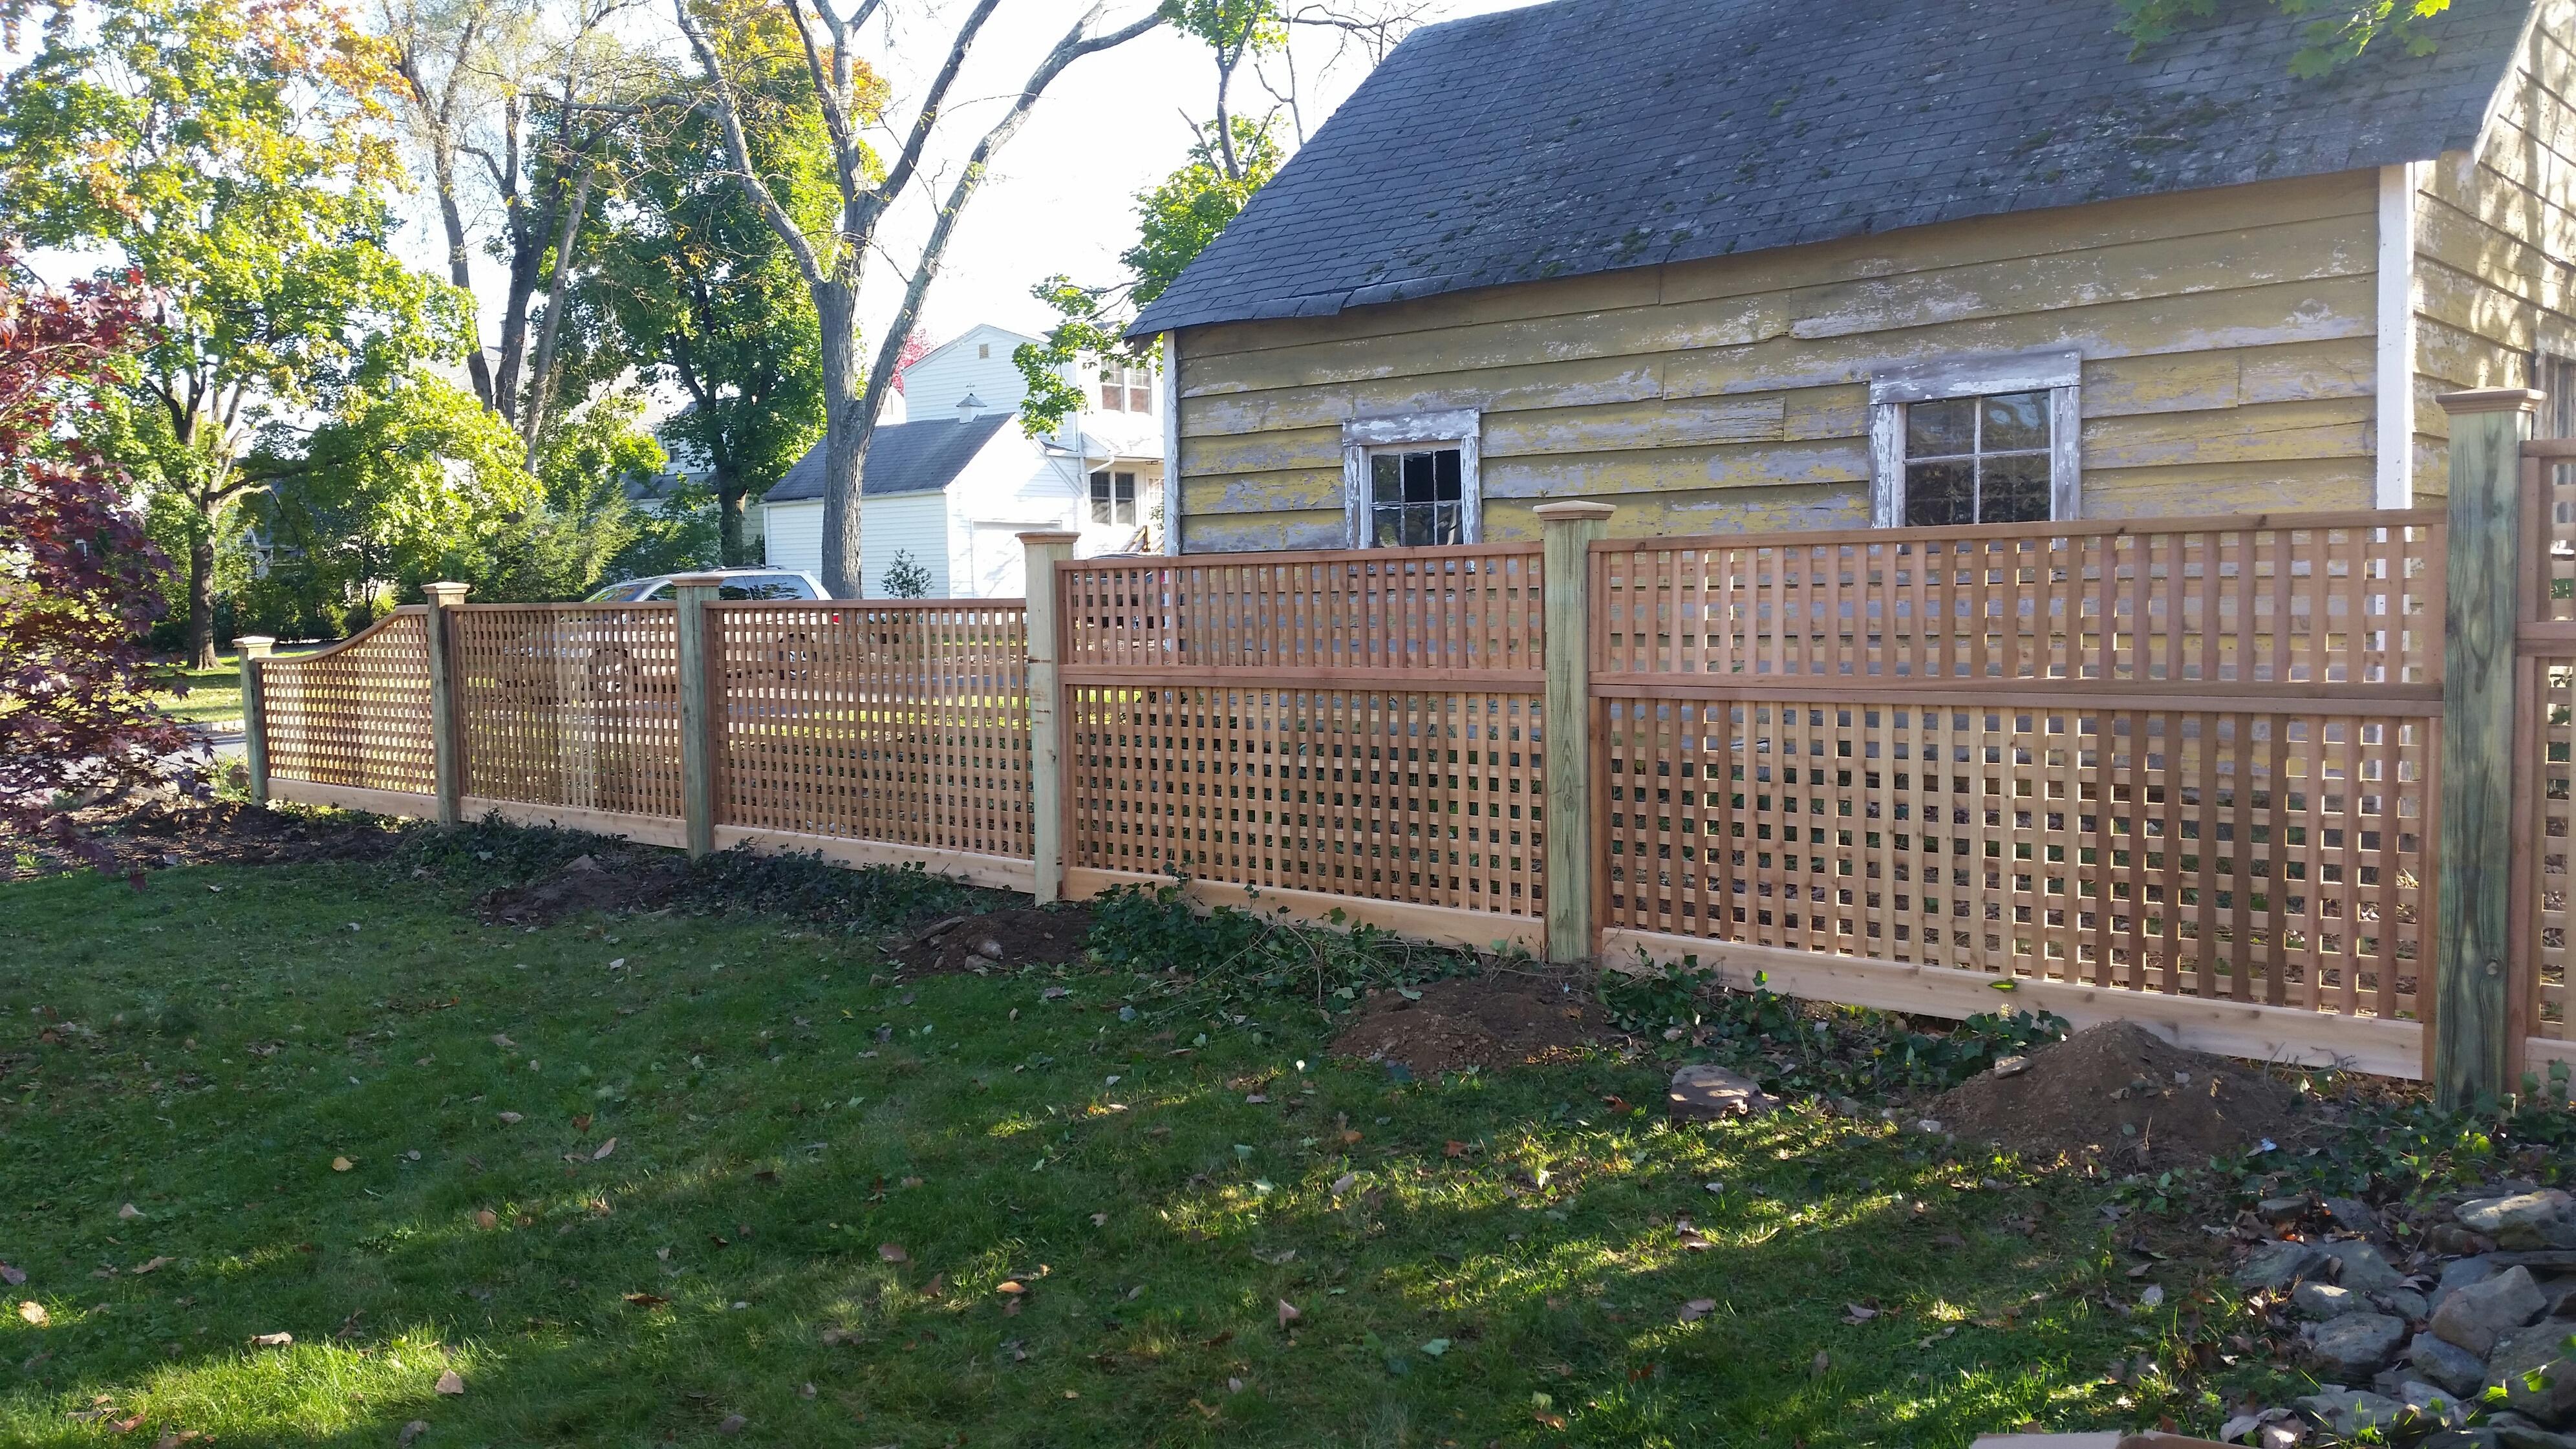 Square lattice Fence